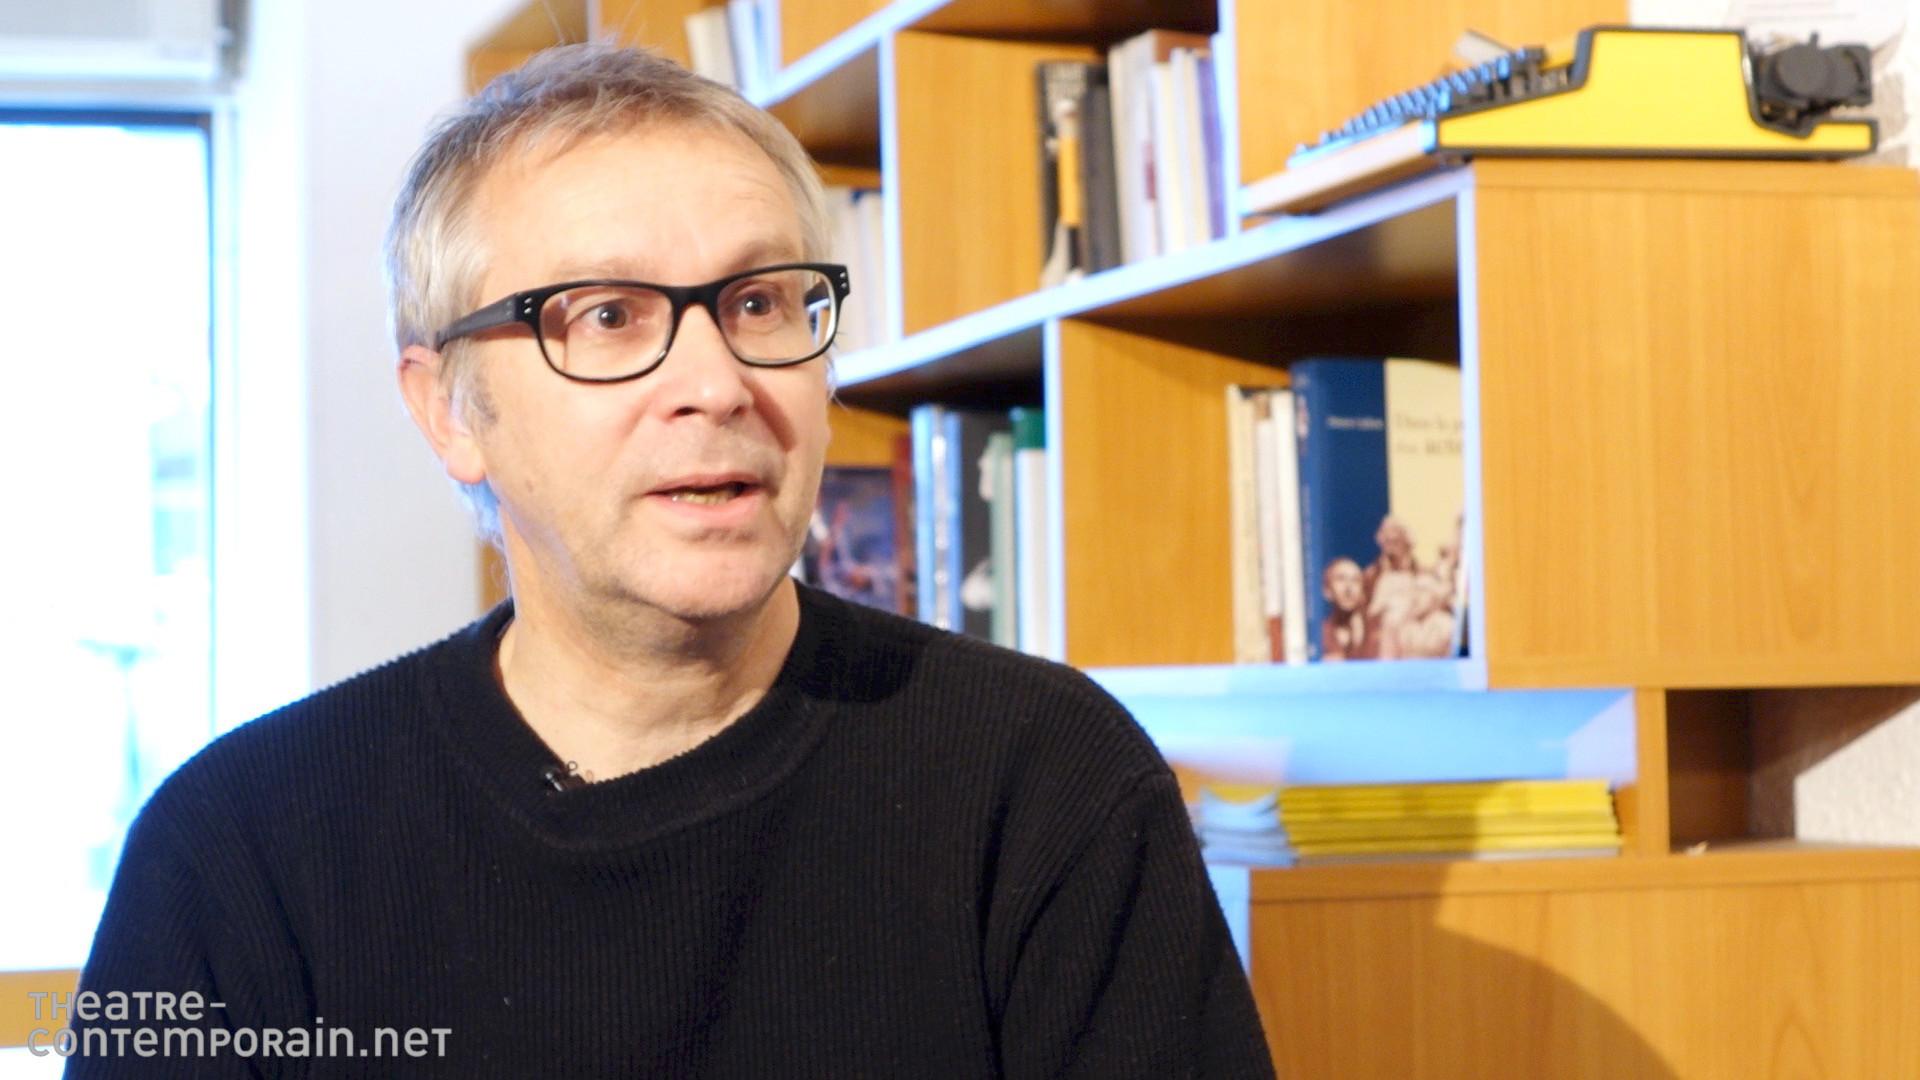 Thierry Beucher / Le contexte menant à l'écriture